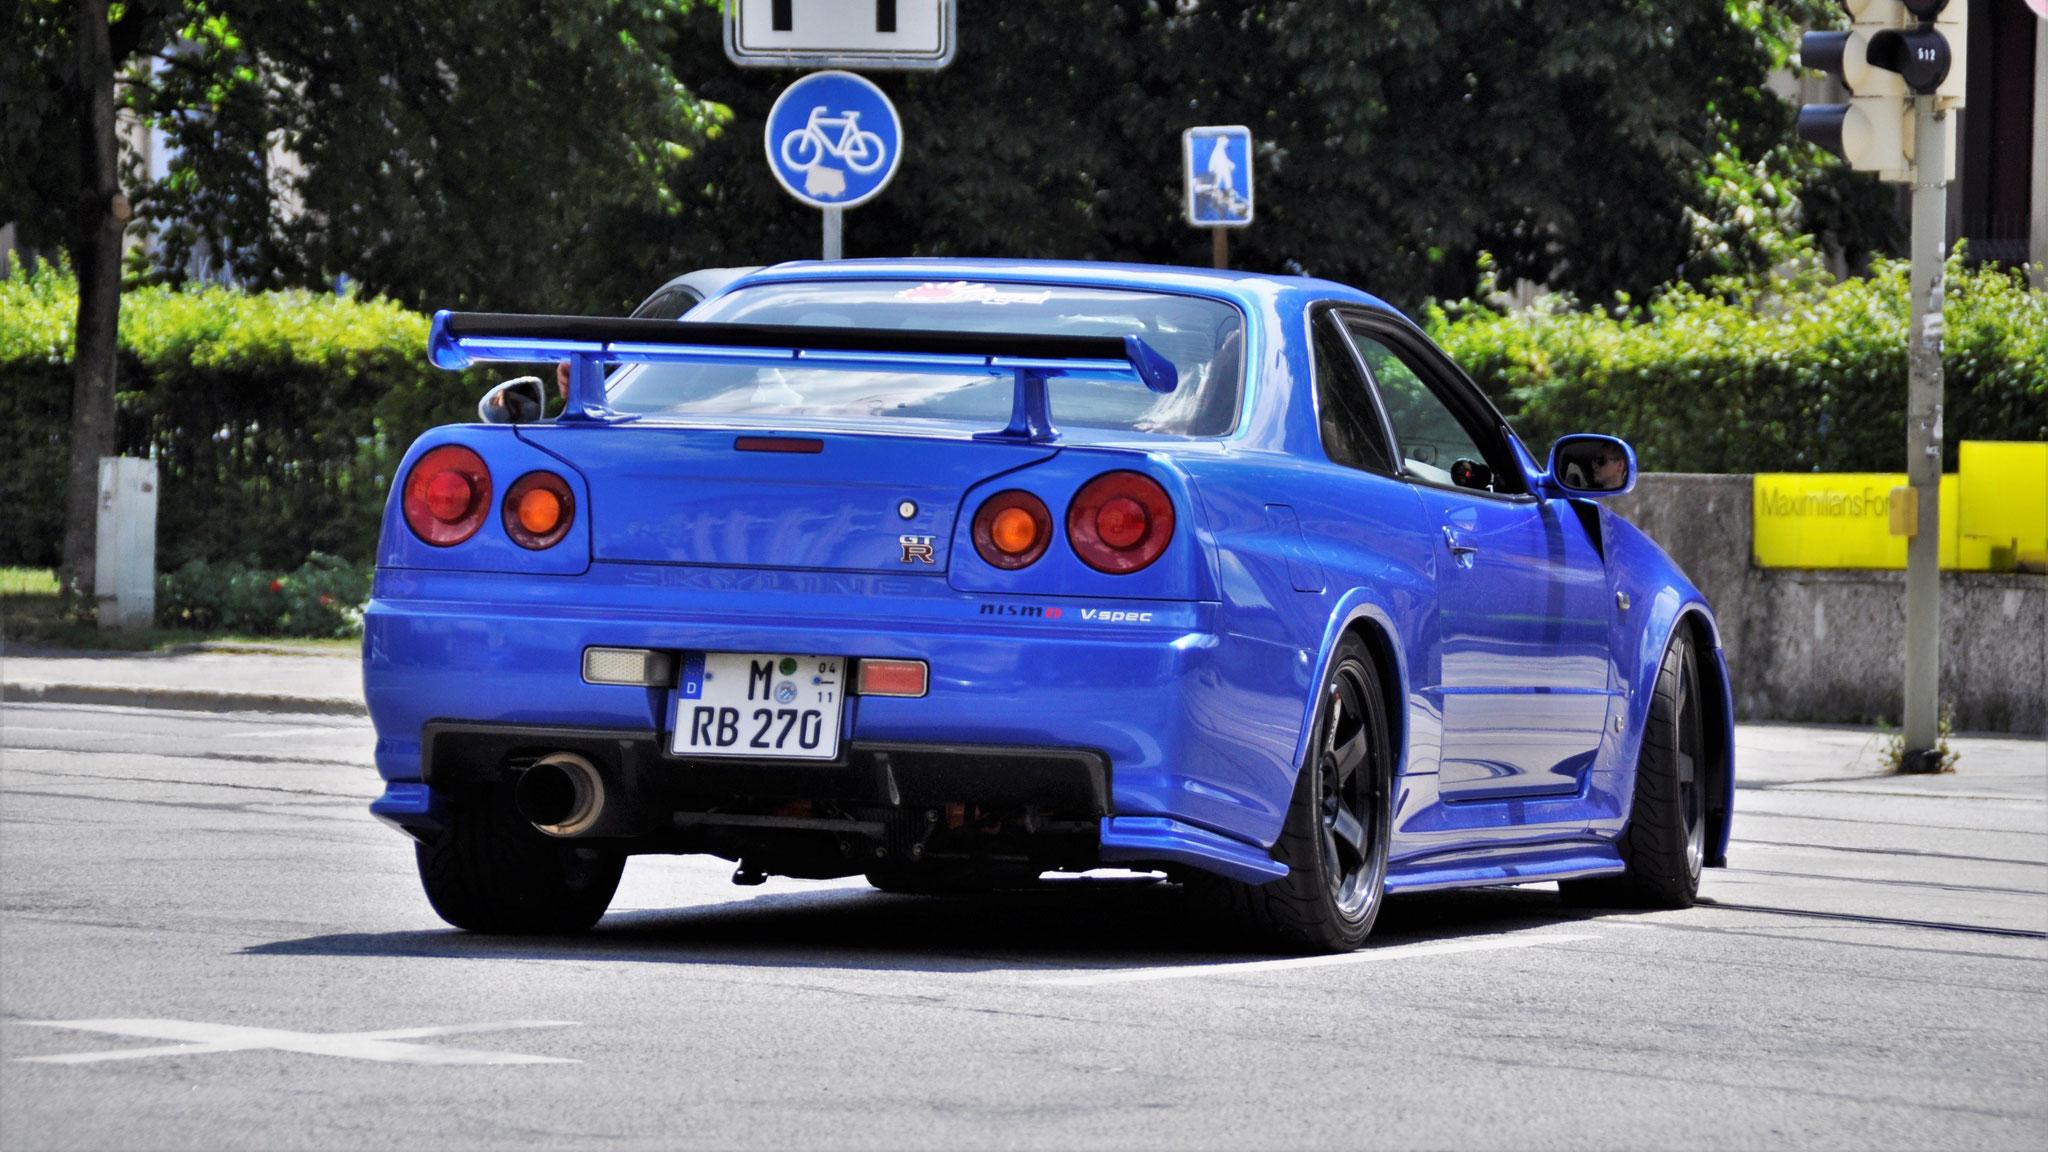 Nissan R34 GT-R V.spec - M-RB-270